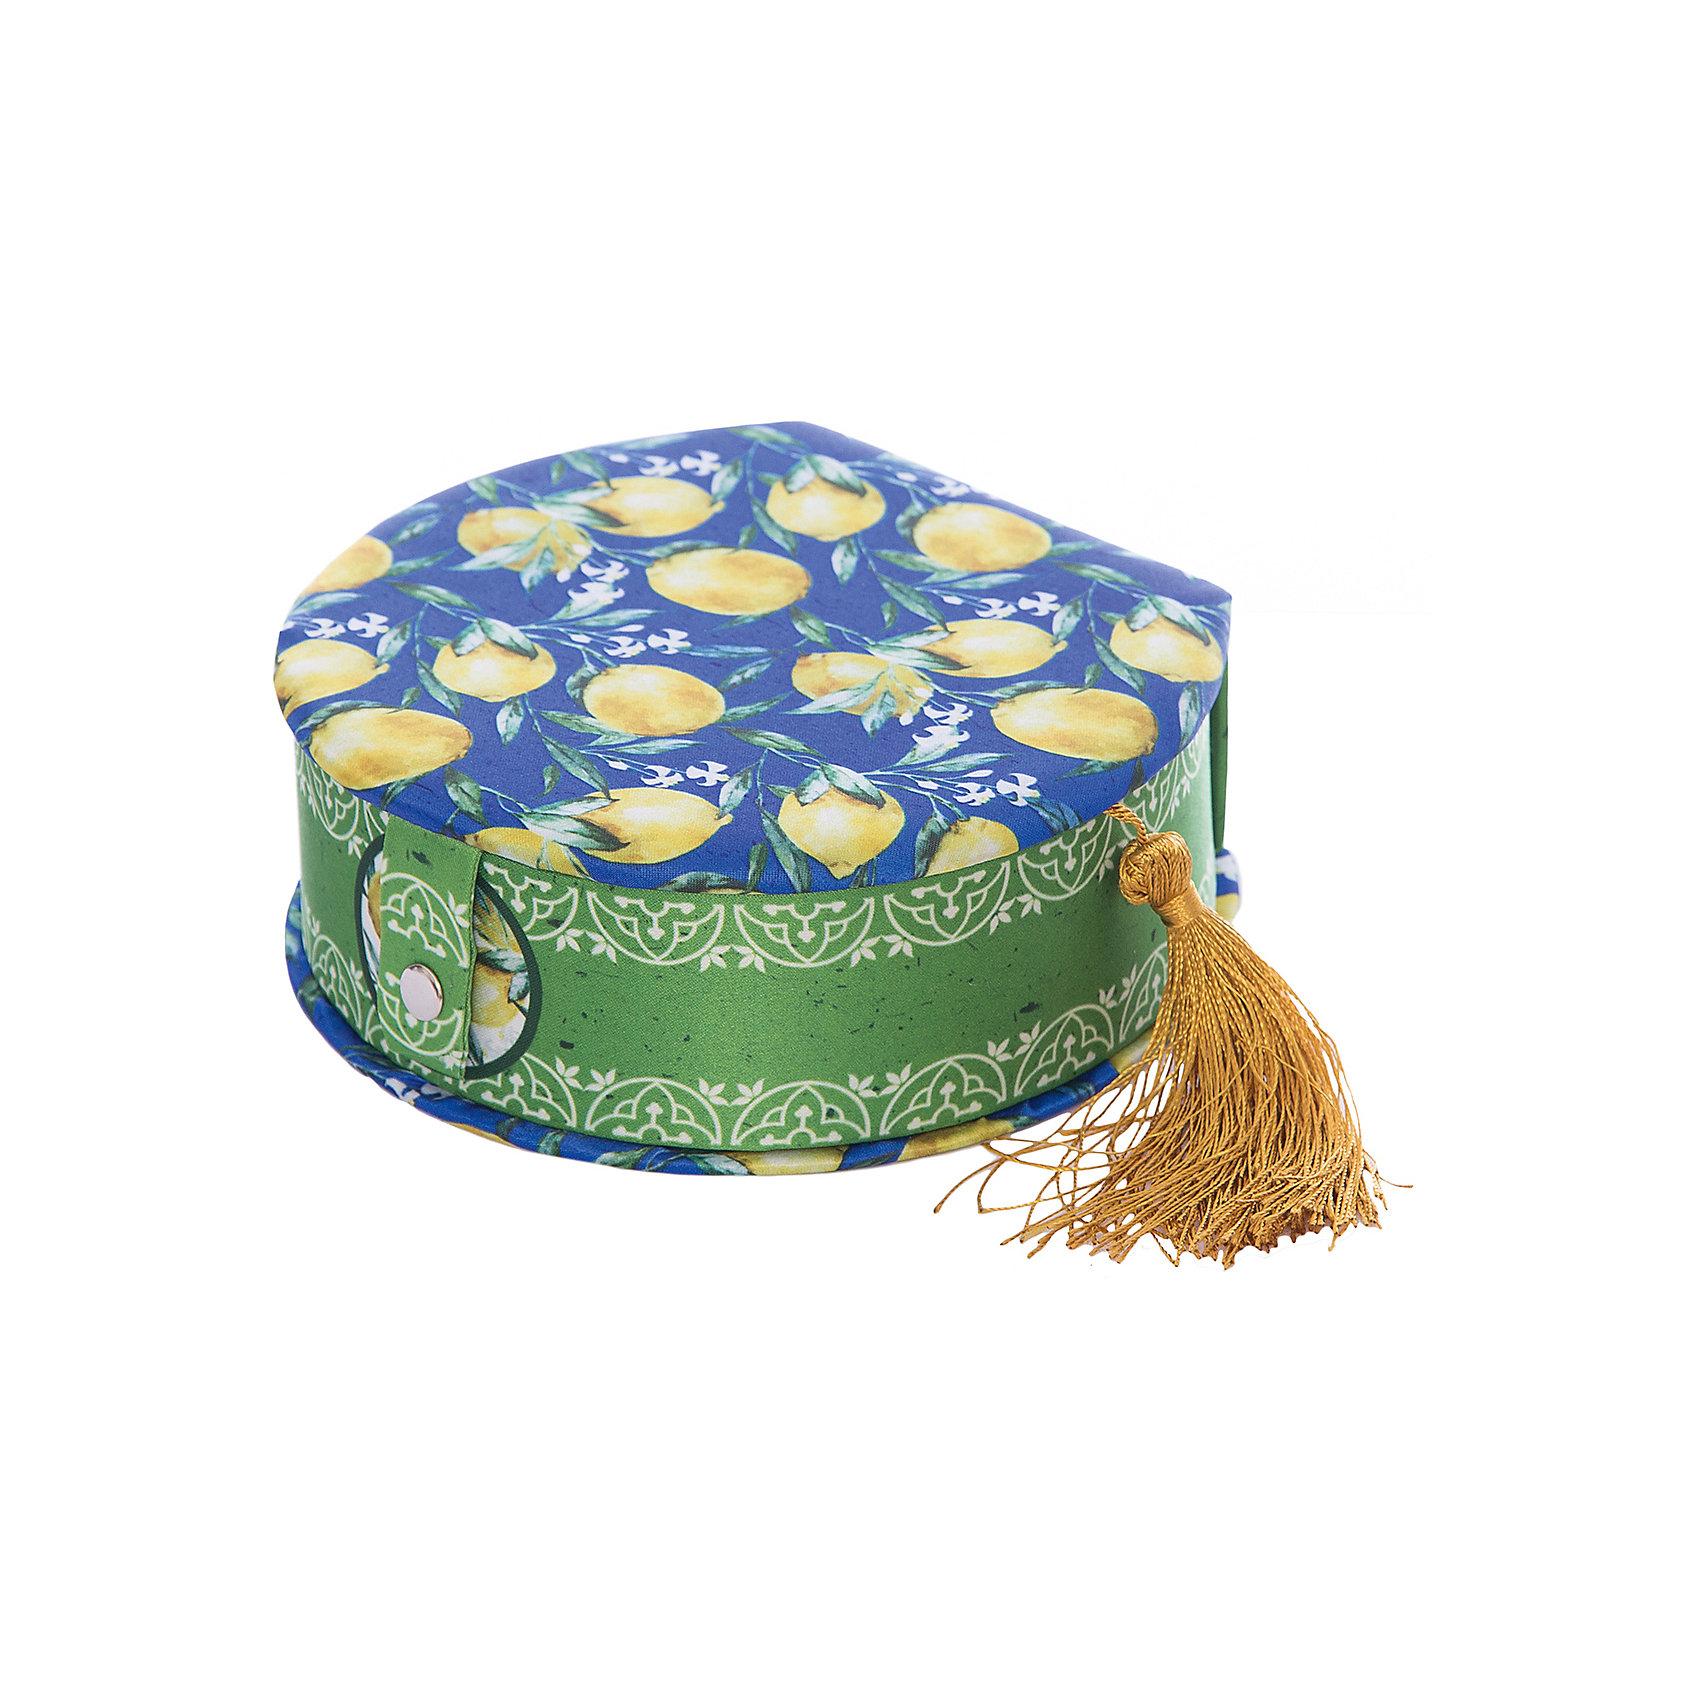 Шкатулка Лимоны 17*16*5 смВсё для праздника<br>Эта милая шкатулка станет замечательным подарком на любой праздник. В ней ребенок сможет хранить различные мелочи - это не только украшение интерьера, но и практичный аксессуар, который поможет поддержать порядок и улучшить функциональную организацию пространства. Круглая шкатулка небольшого размера имеет яркую расцветку и оформлена изображением лимонов. <br><br>Дополнительная информация:<br><br>- Материал: картон, полиэстер.<br>- Размер: 17х16х5 см.<br><br>Шкатулку Лимоны 17х16х5 см. можно купить в нашем магазине.<br><br>Ширина мм: 170<br>Глубина мм: 160<br>Высота мм: 50<br>Вес г: 280<br>Возраст от месяцев: 36<br>Возраст до месяцев: 2147483647<br>Пол: Унисекс<br>Возраст: Детский<br>SKU: 4560518